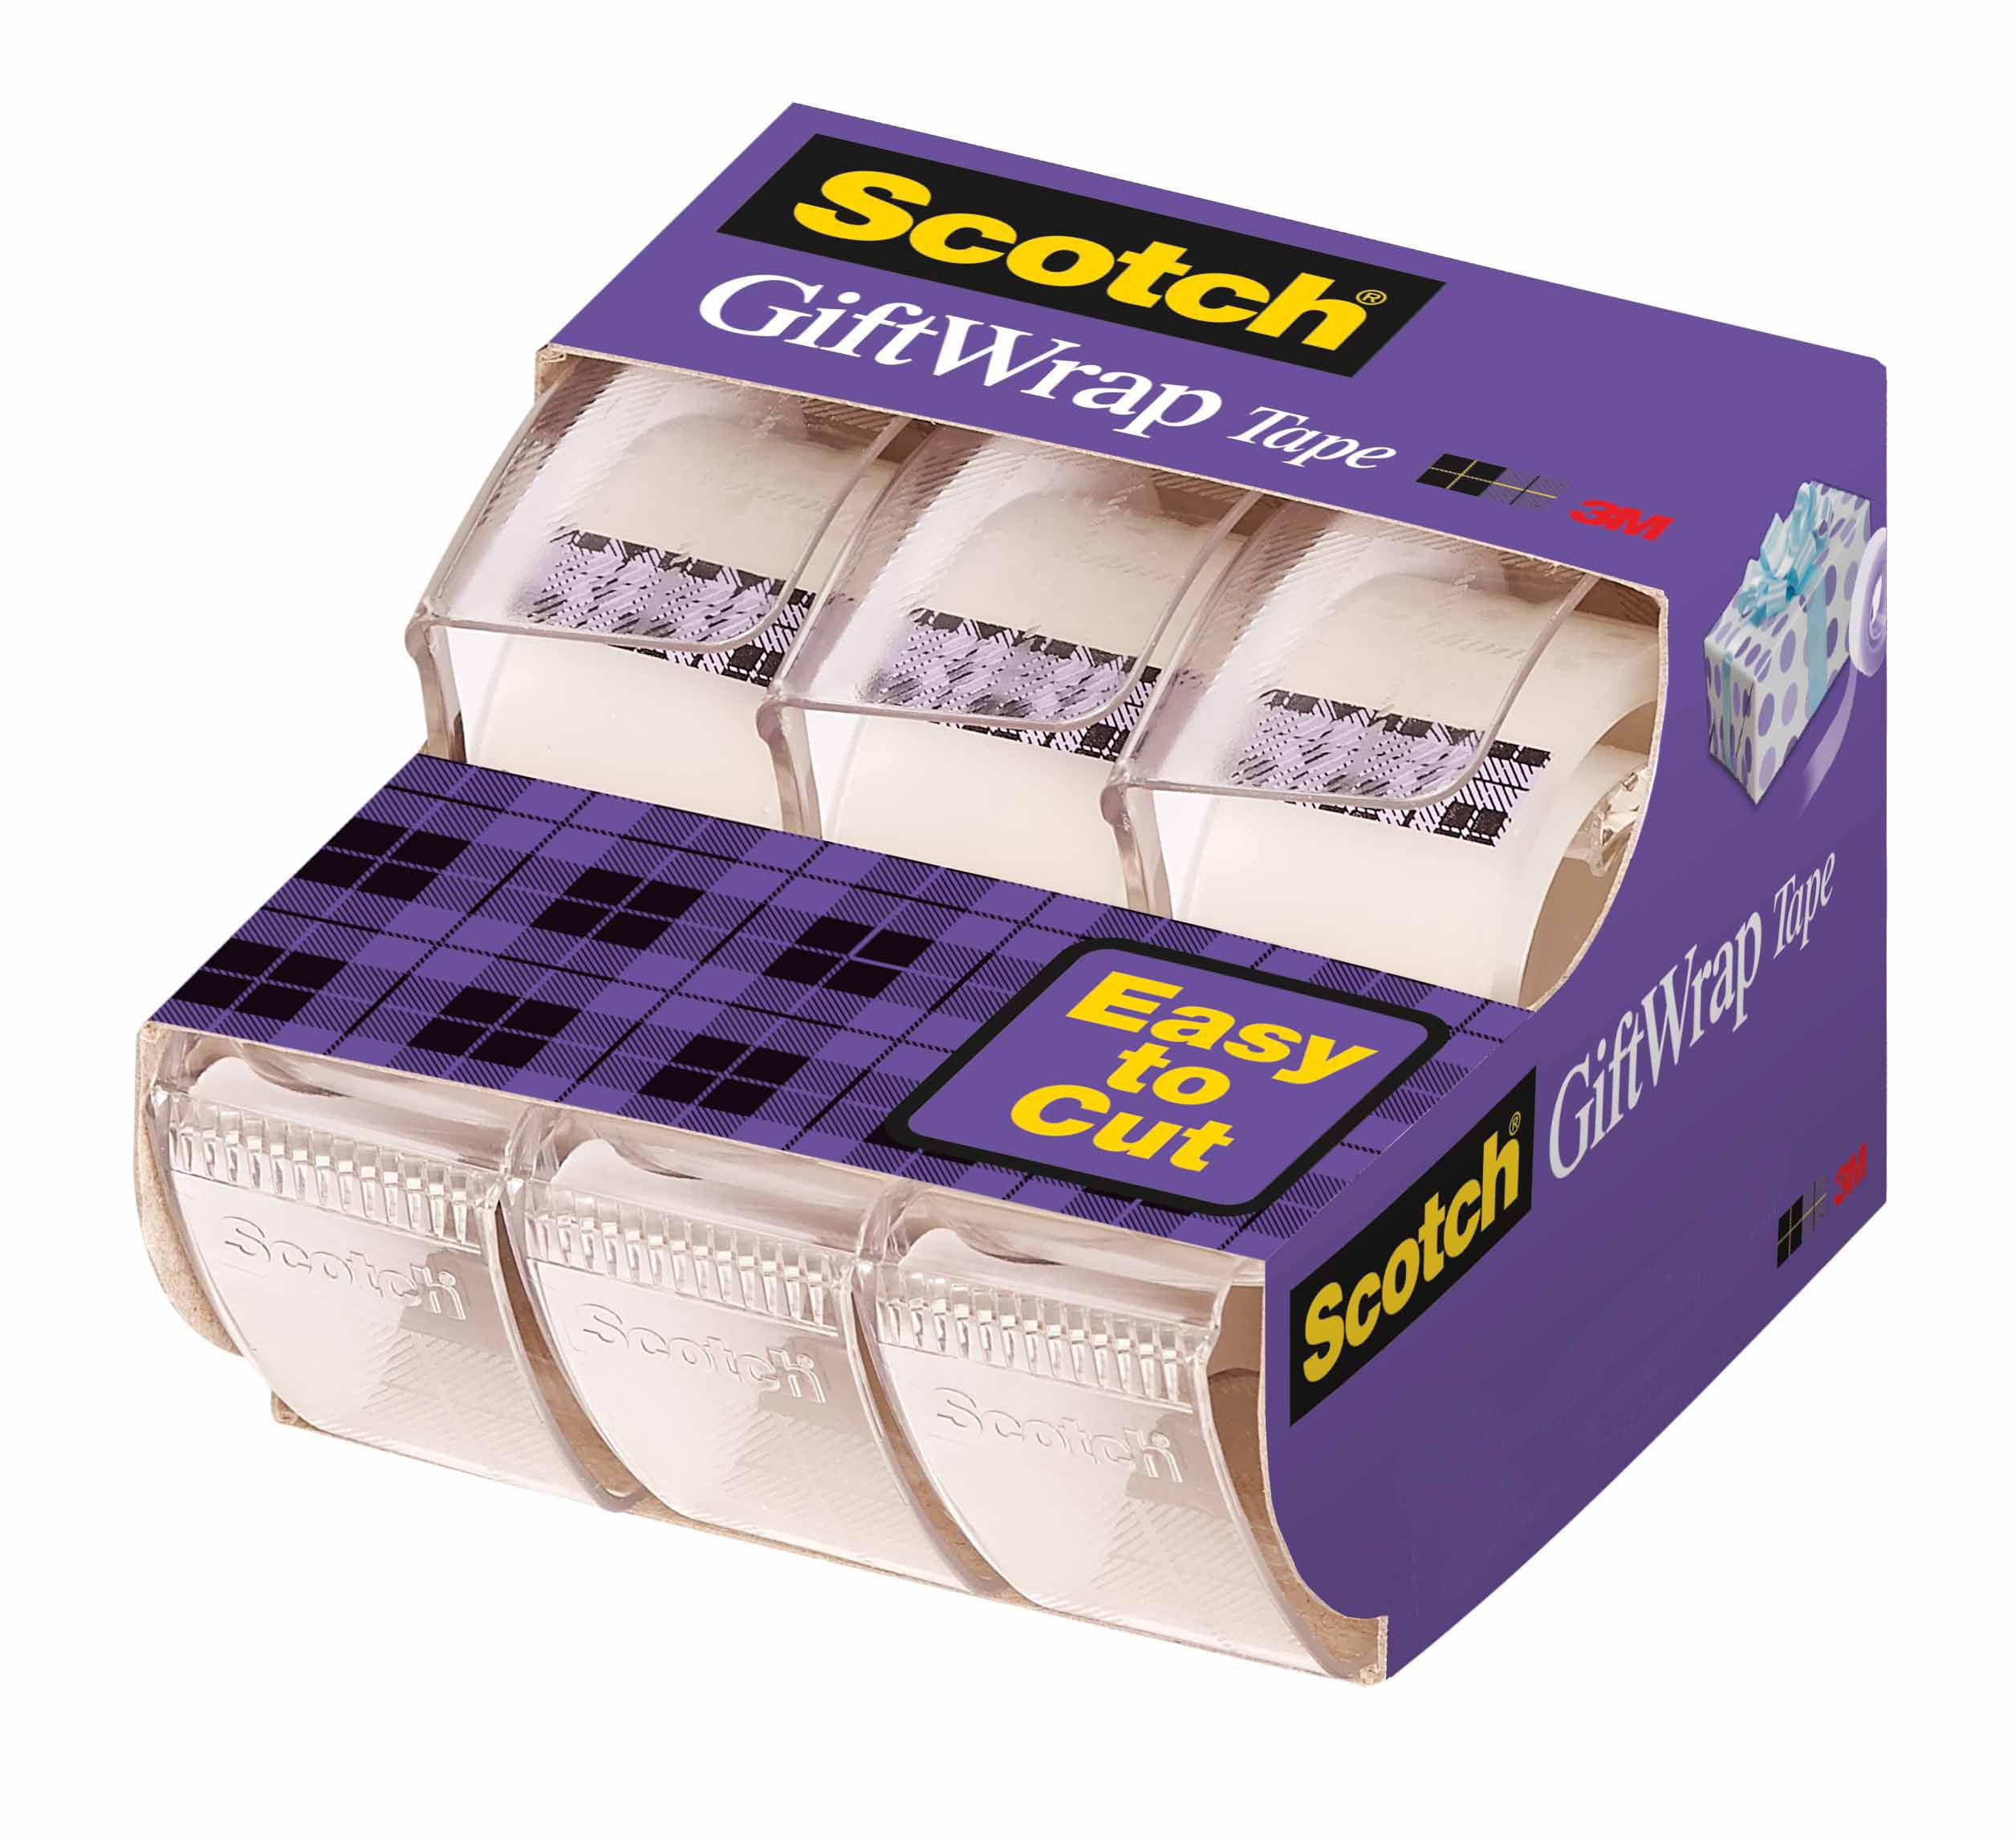 Scotch Gift Wrap Tape Dispensers 3 Pack, 3/4 in. x 325in. per Dispenser